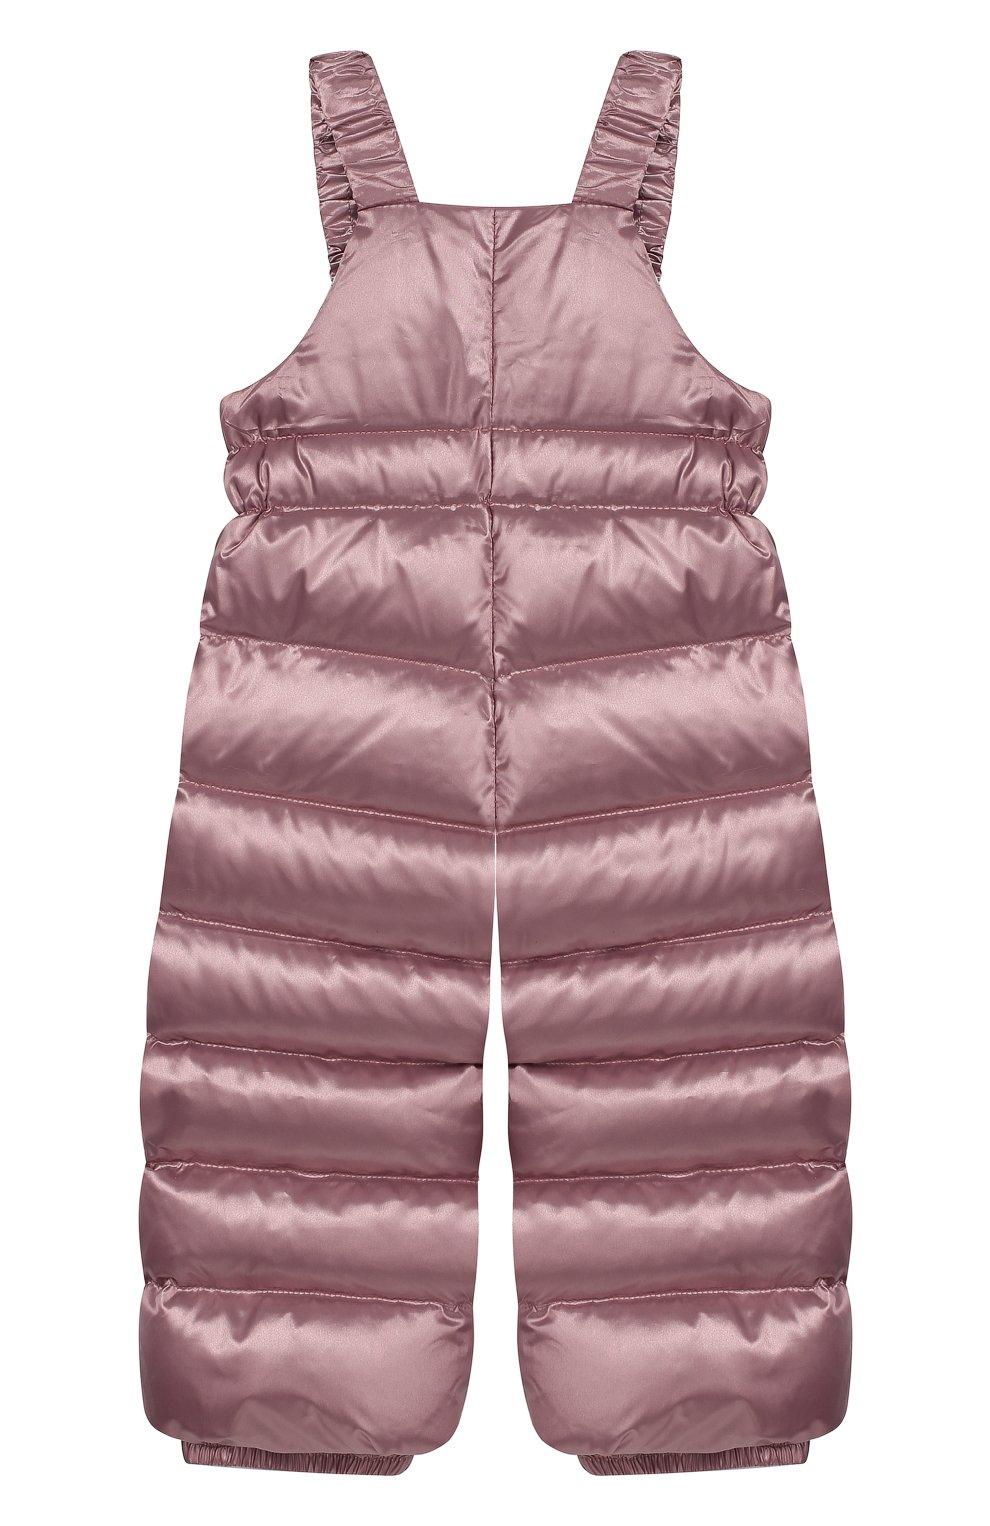 Детского комплект из пуховой куртки и комбинезона сиреневый сад CHEPE разноцветного цвета, арт. 392222 | Фото 3